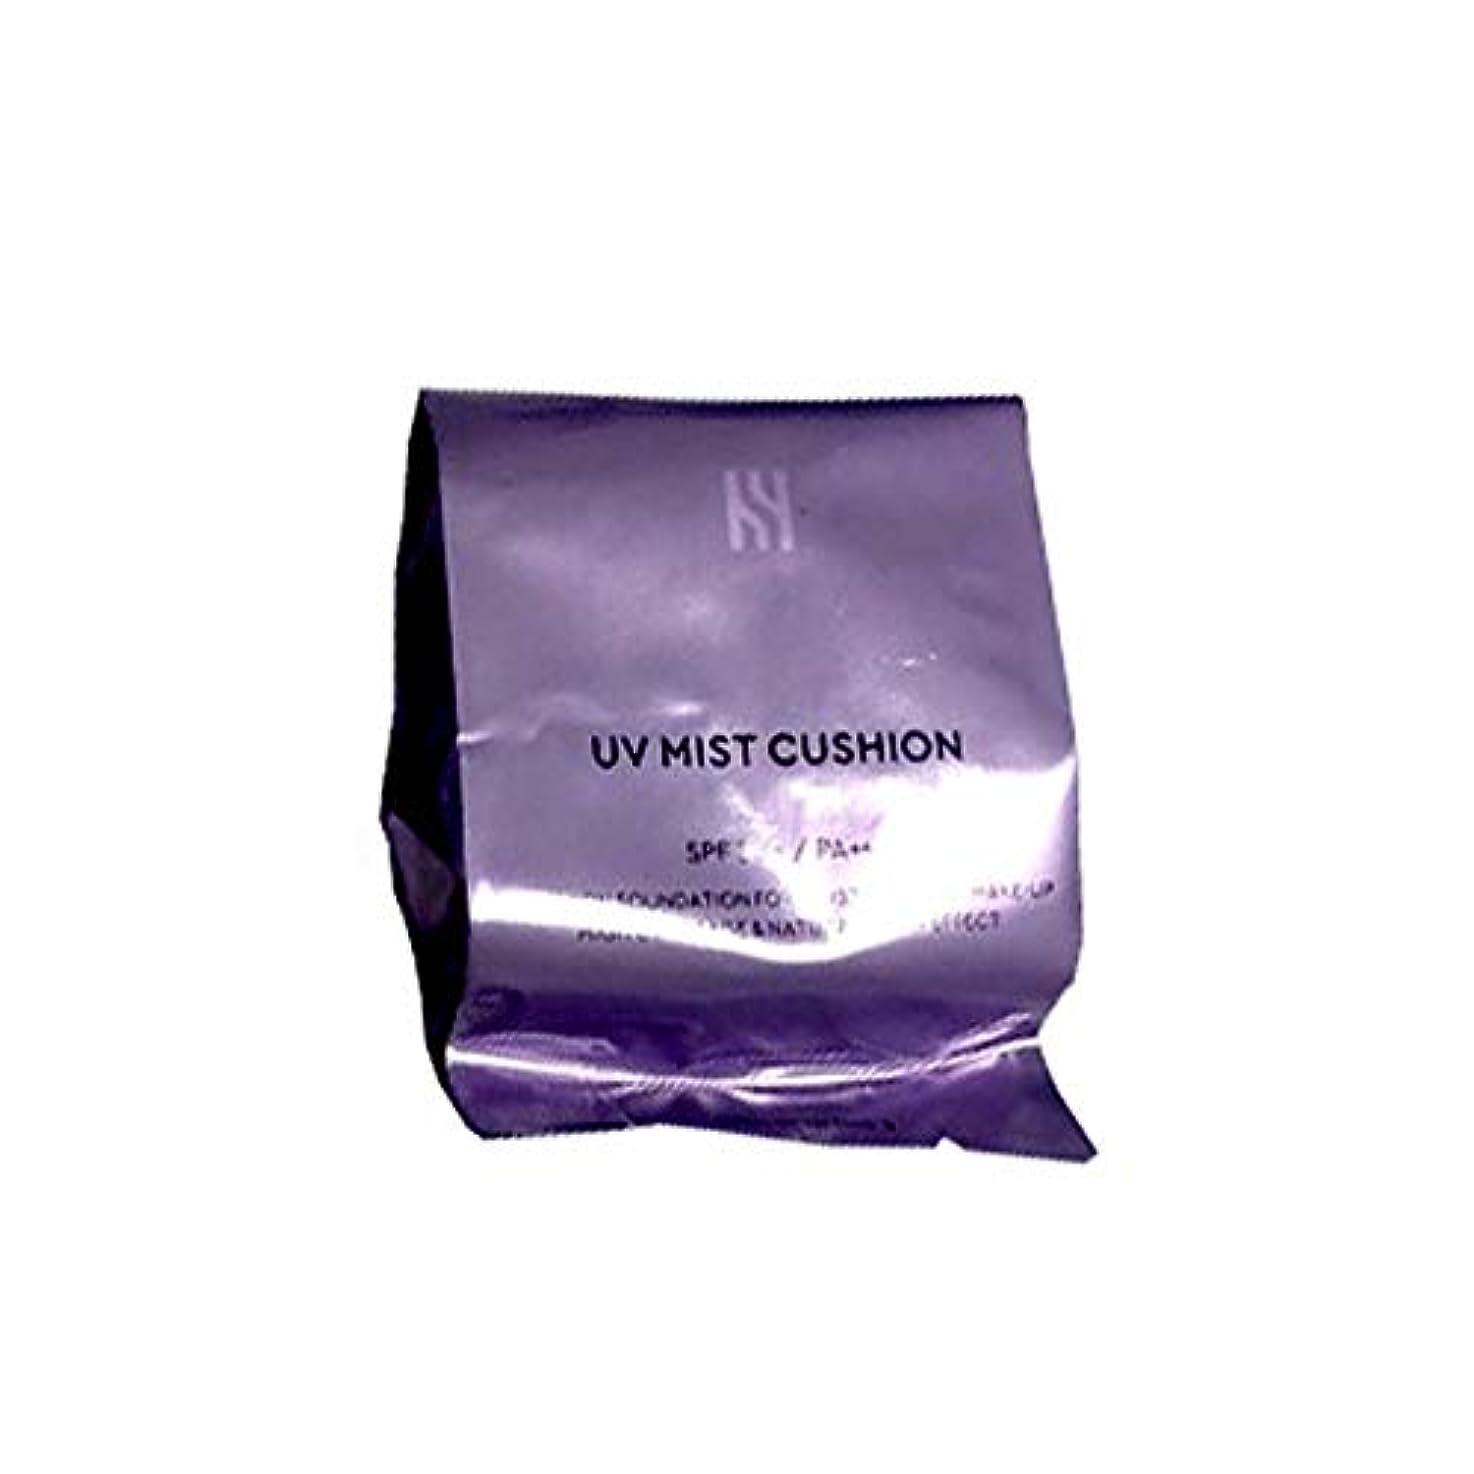 違法インサートモンゴメリーHERA(ヘラ) UVミストクッション(カバー)SPF50+/PA+++ [リフィルのみ] C21号/バニラ